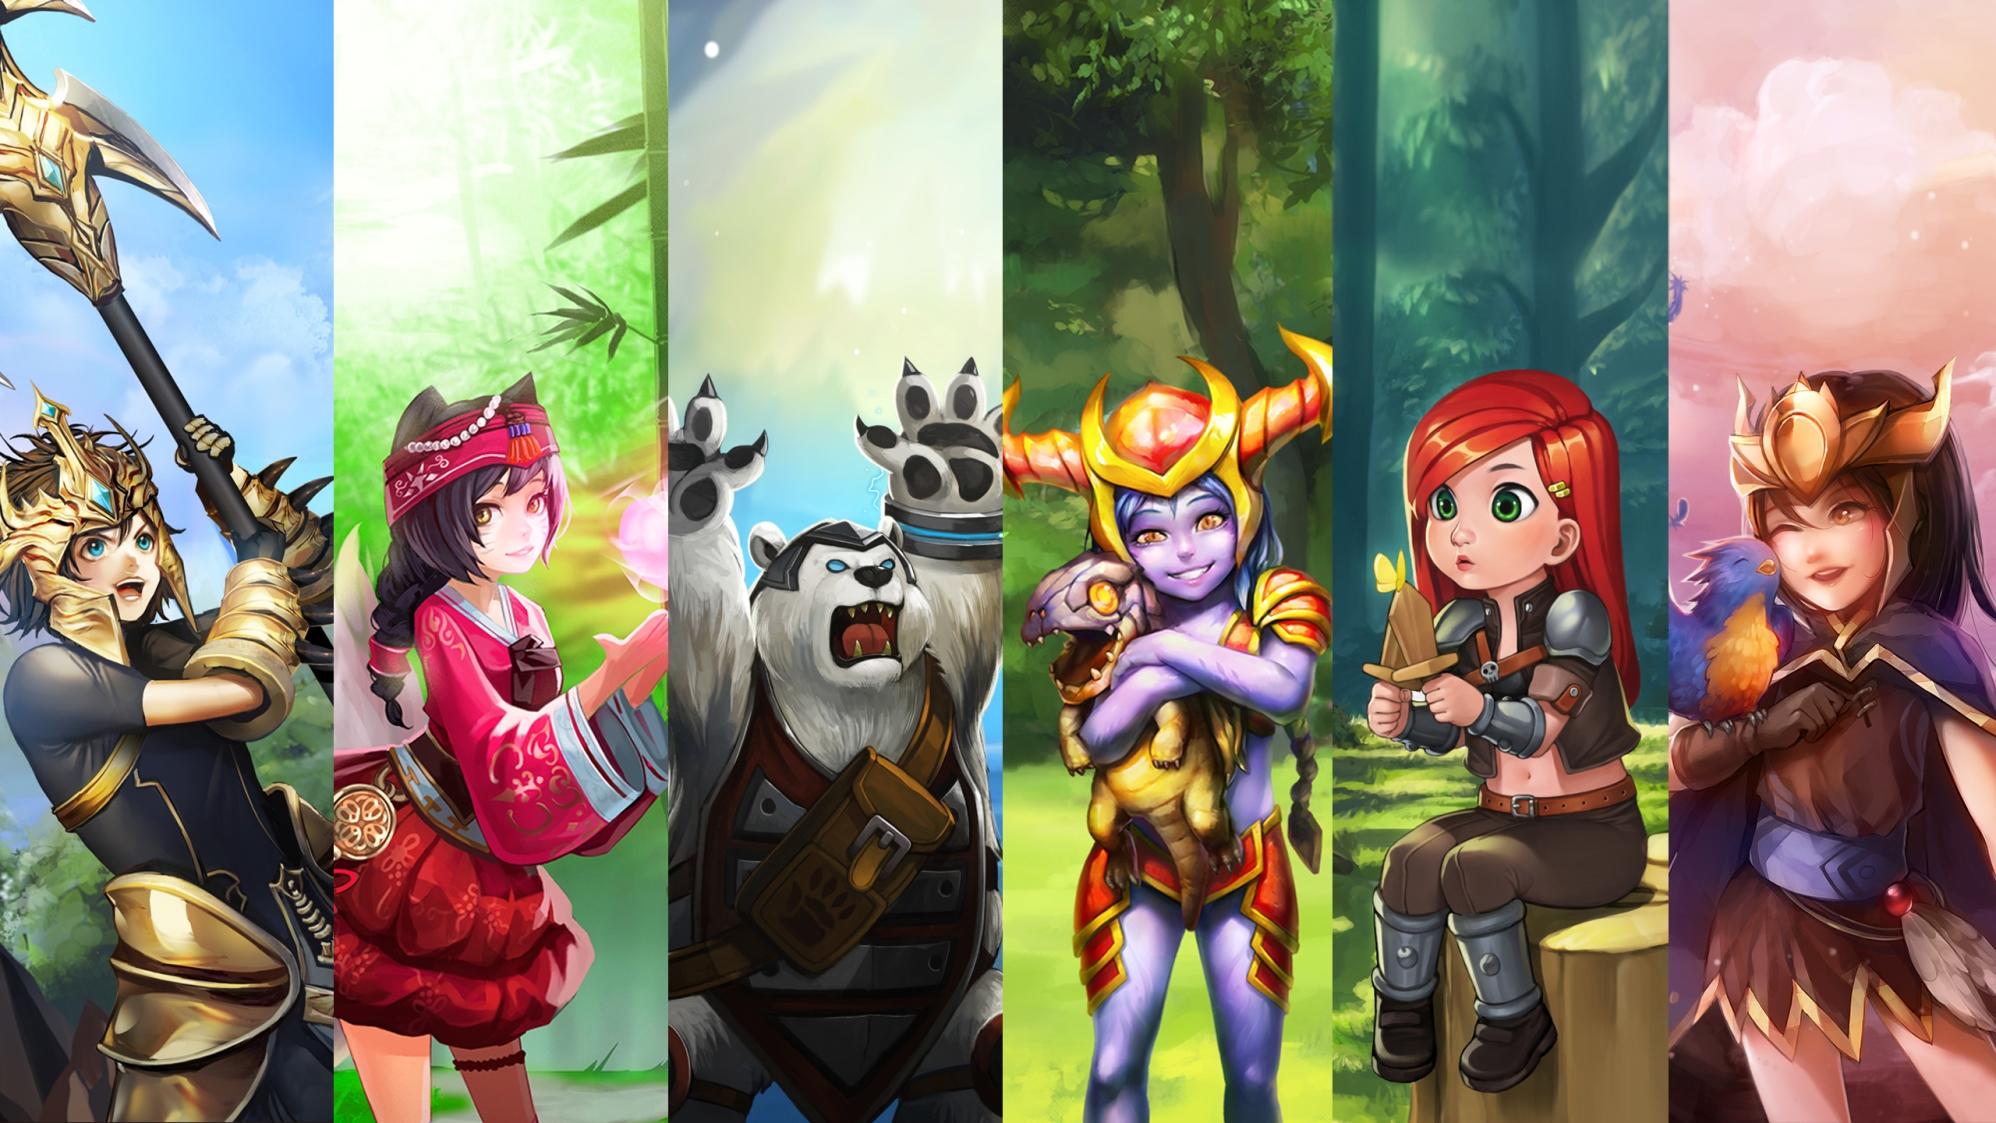 6個英雄聯盟英雄和他們小時候vs.長大的比對圖。